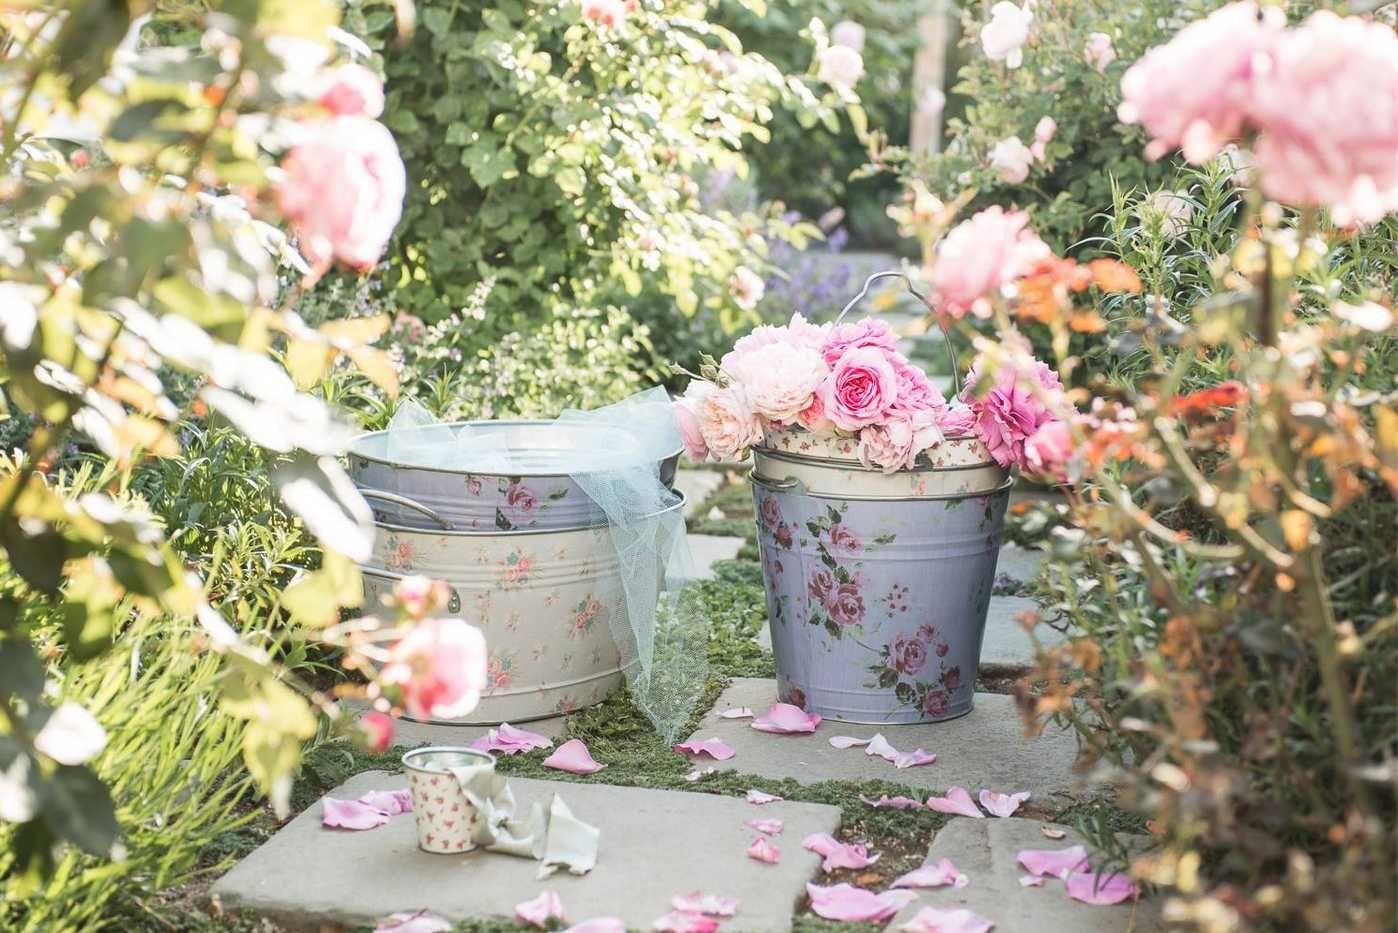 Delicate beauty in the garden milliondollarredhead home decor